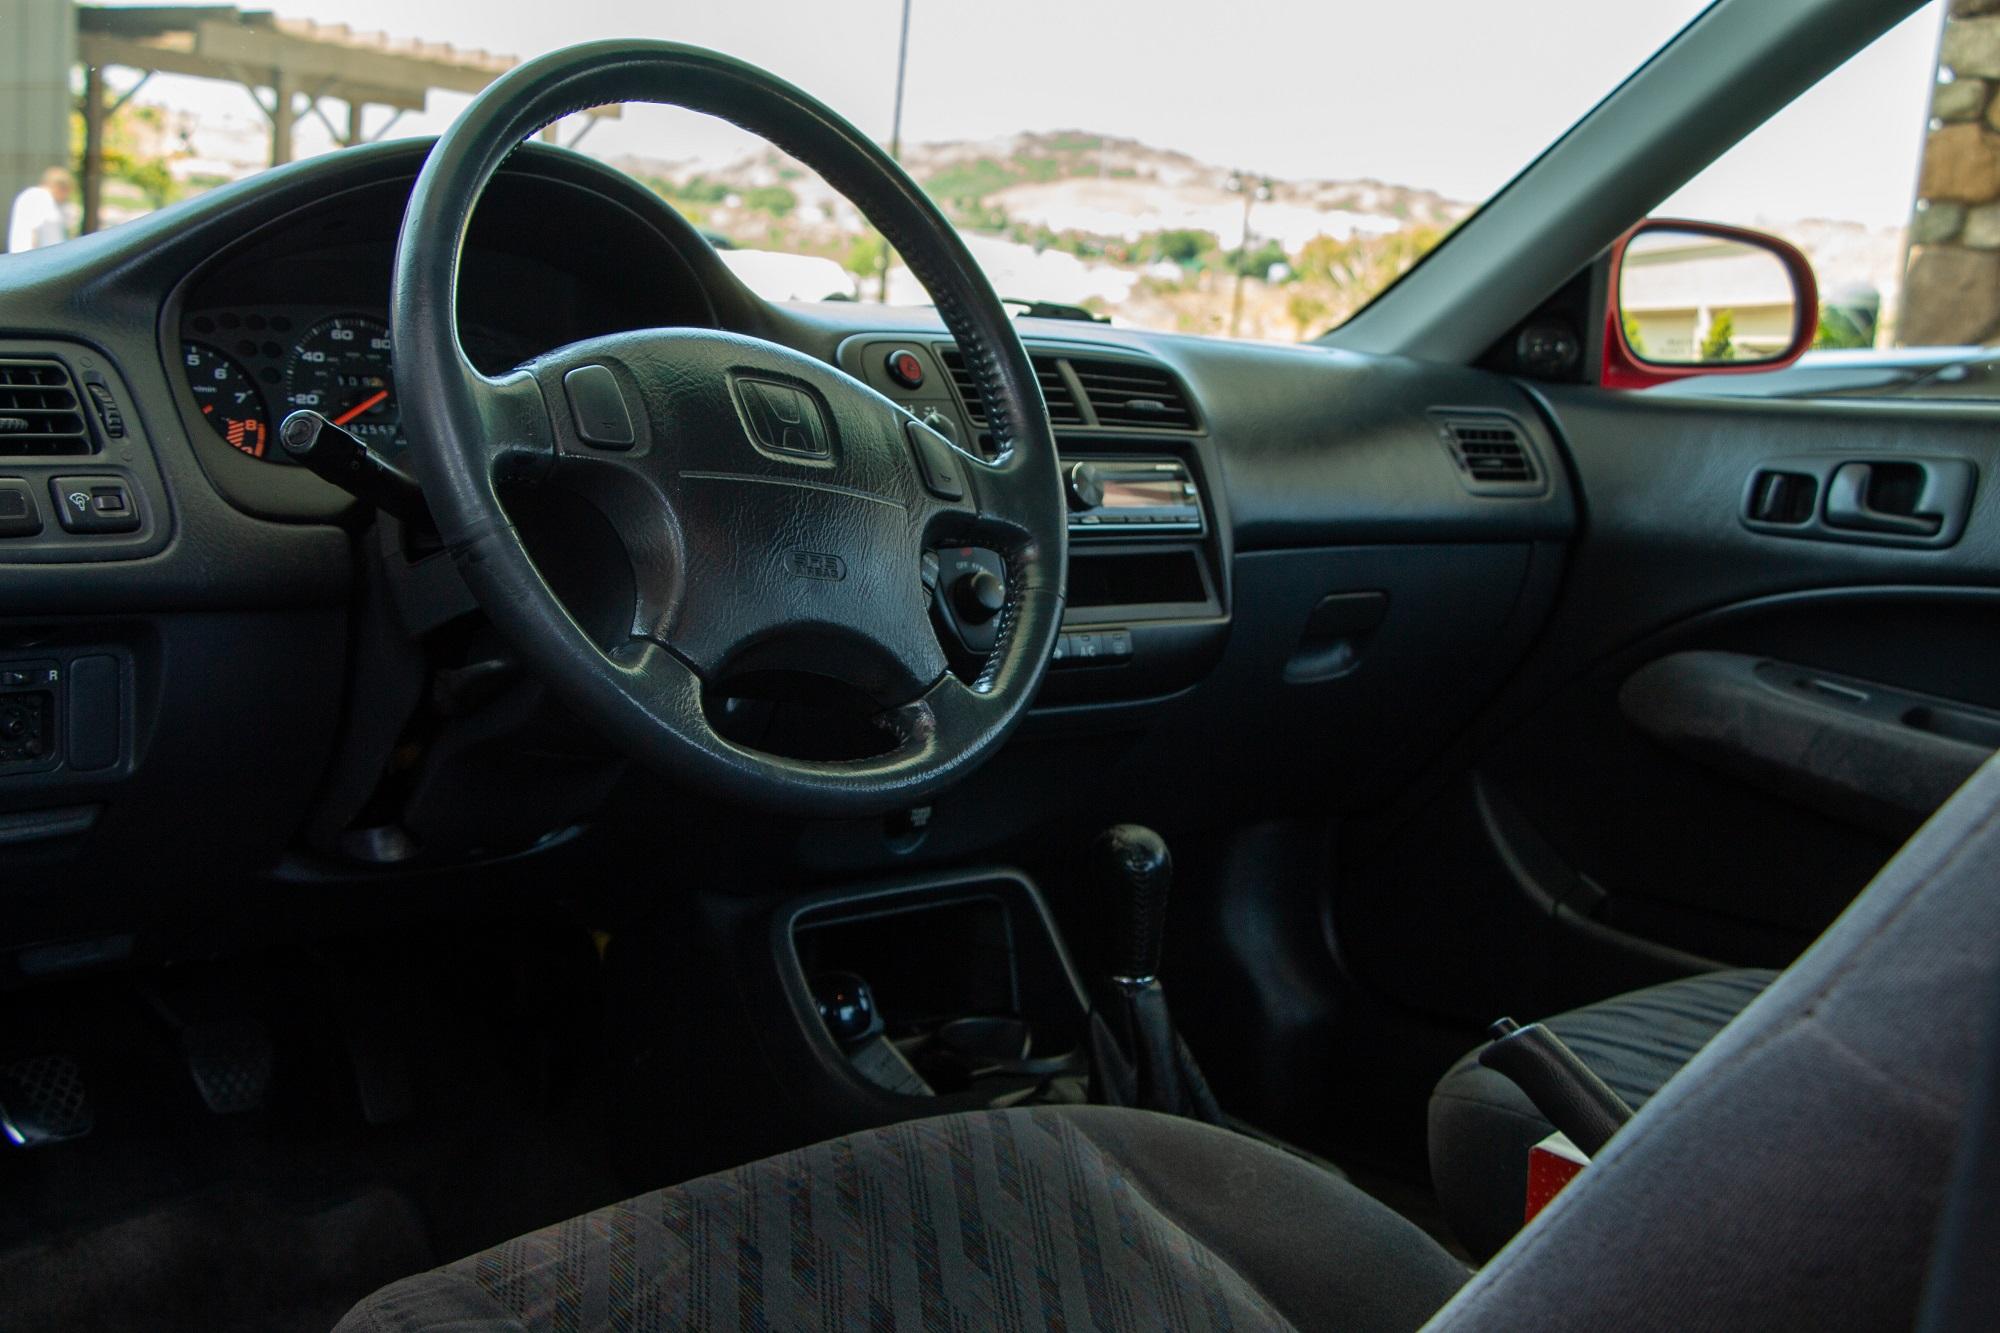 EM1 Honda Civic Si Retro Review All Original Time Capsule Milano Red Jake Stumph